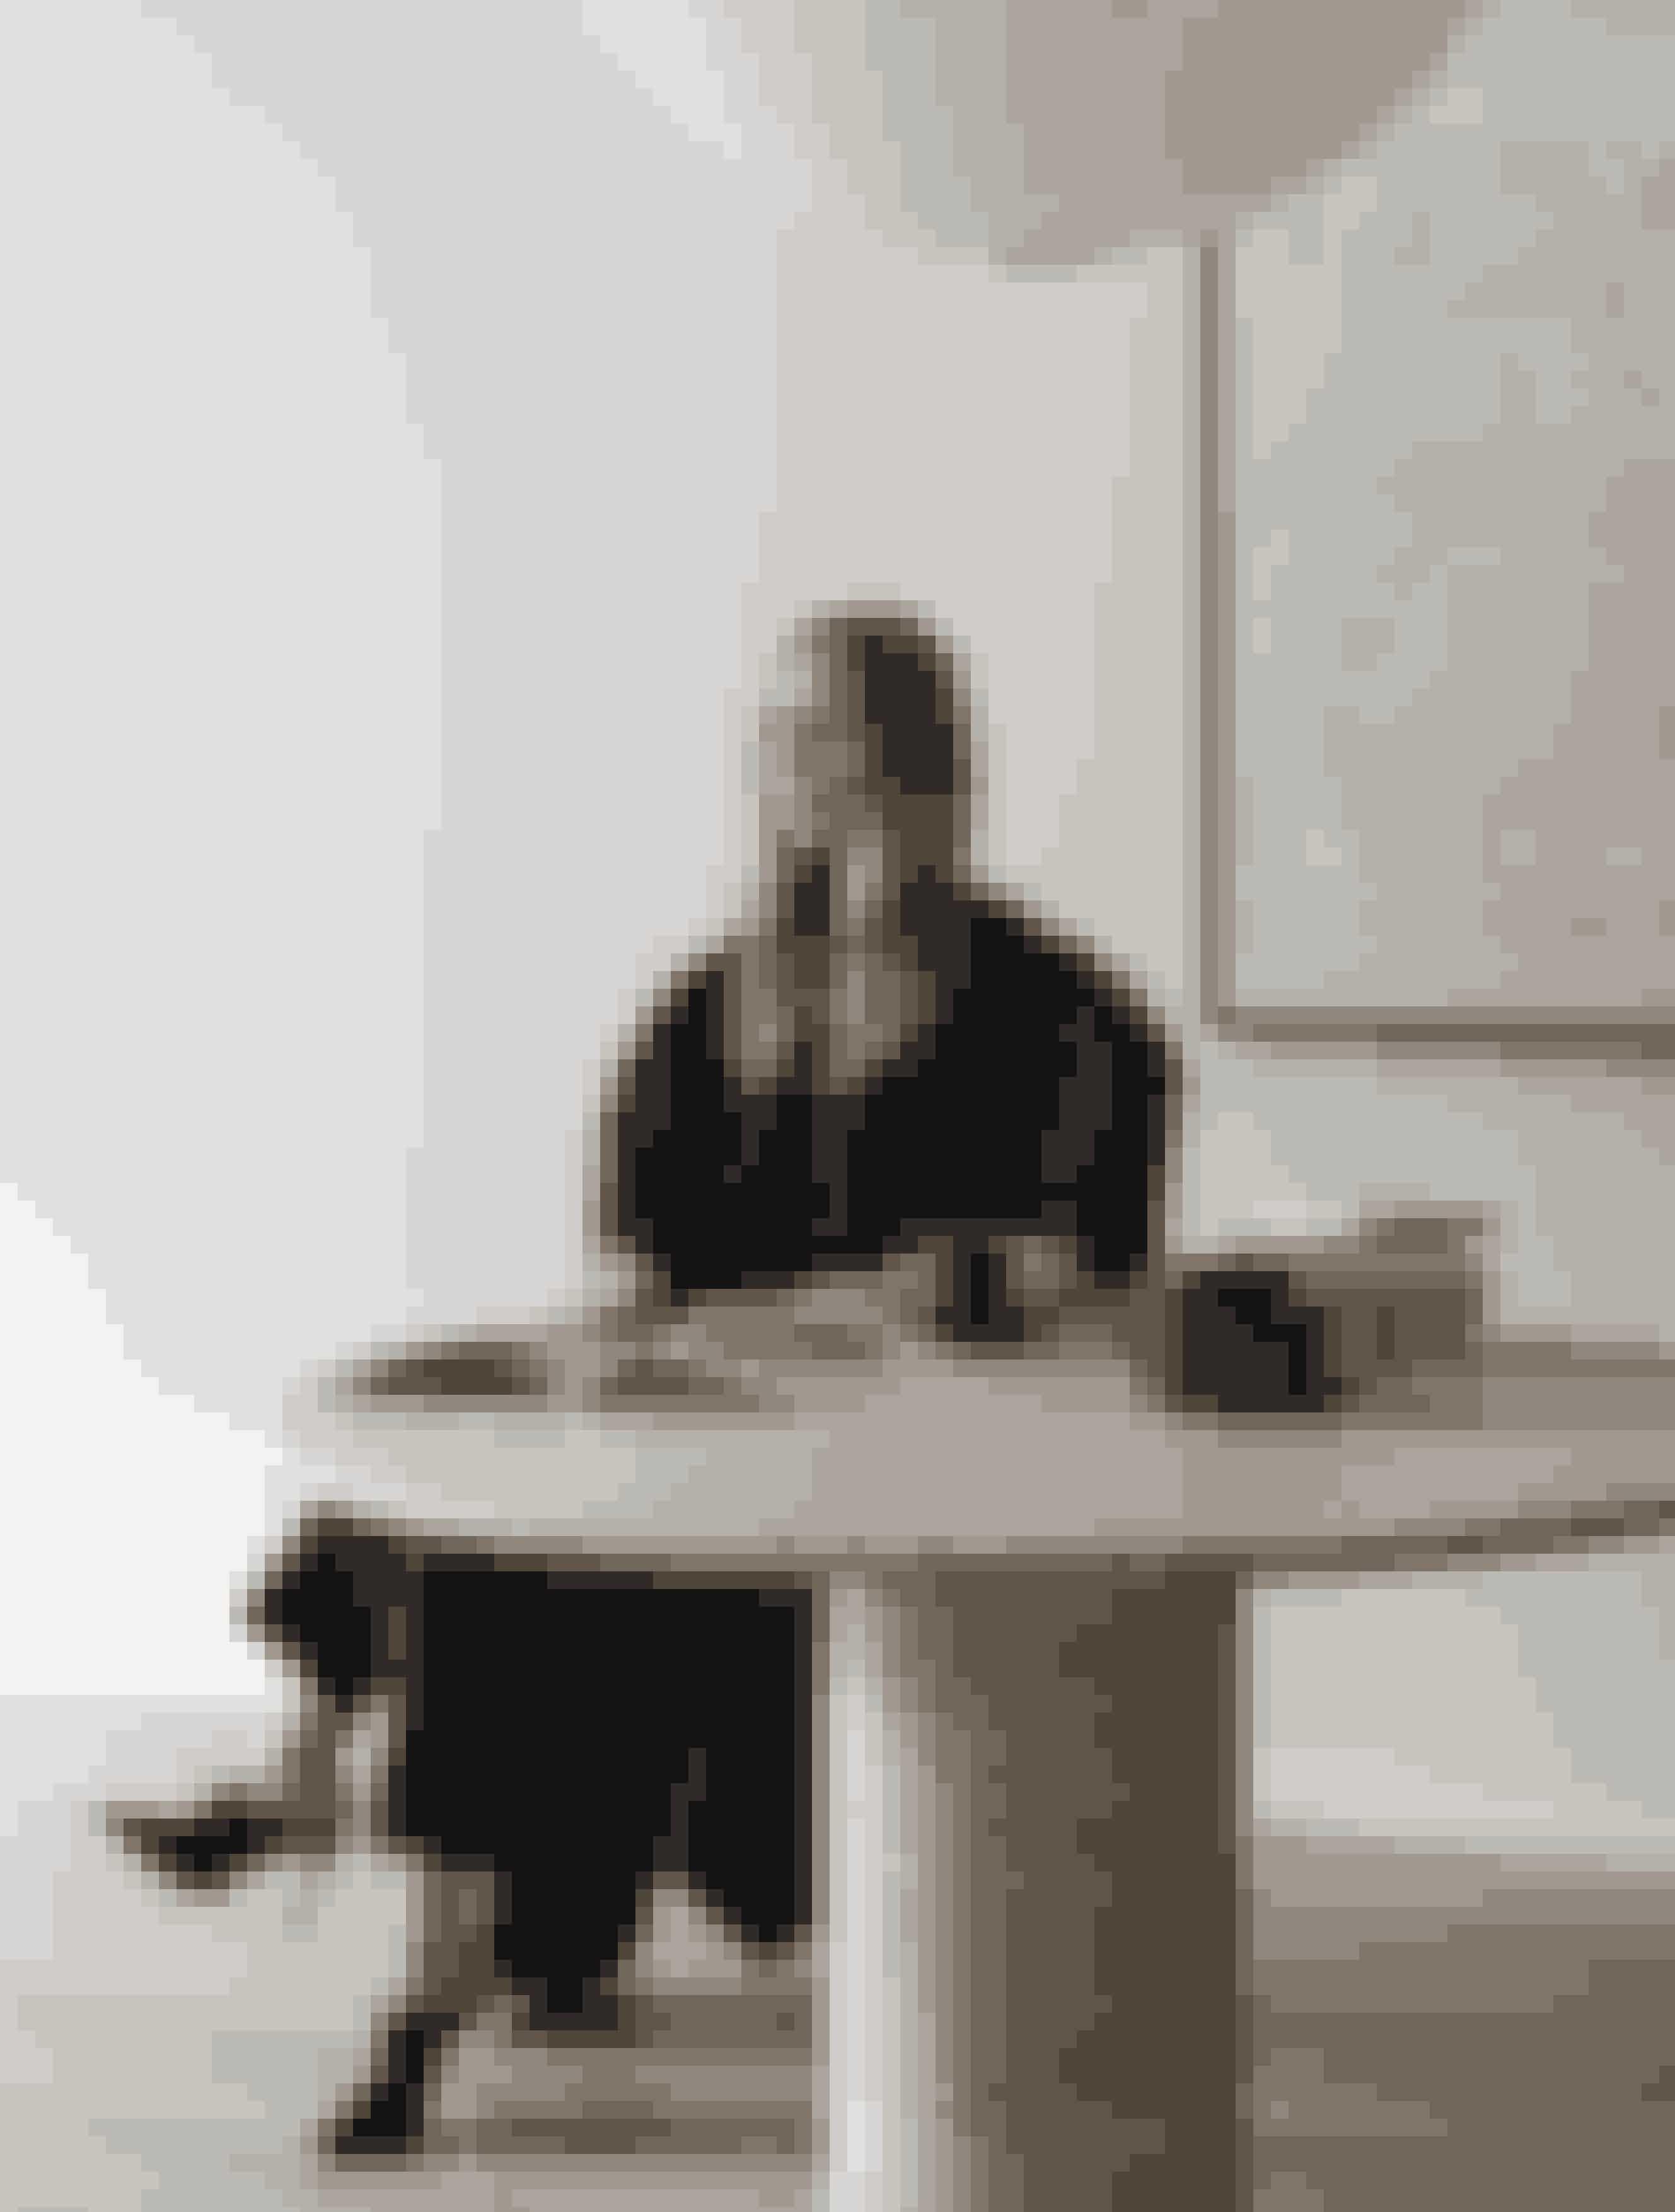 Carolina er i jakke og bukser fra Totême og sko fra Gianvito Rossi. Det smukke bord er købt hos hendes foretrukne antikvitetshandler i Stockholm, Sylvia Enget, og maleriet i baggrunden har hendes mand, Mattias Storm, malet.